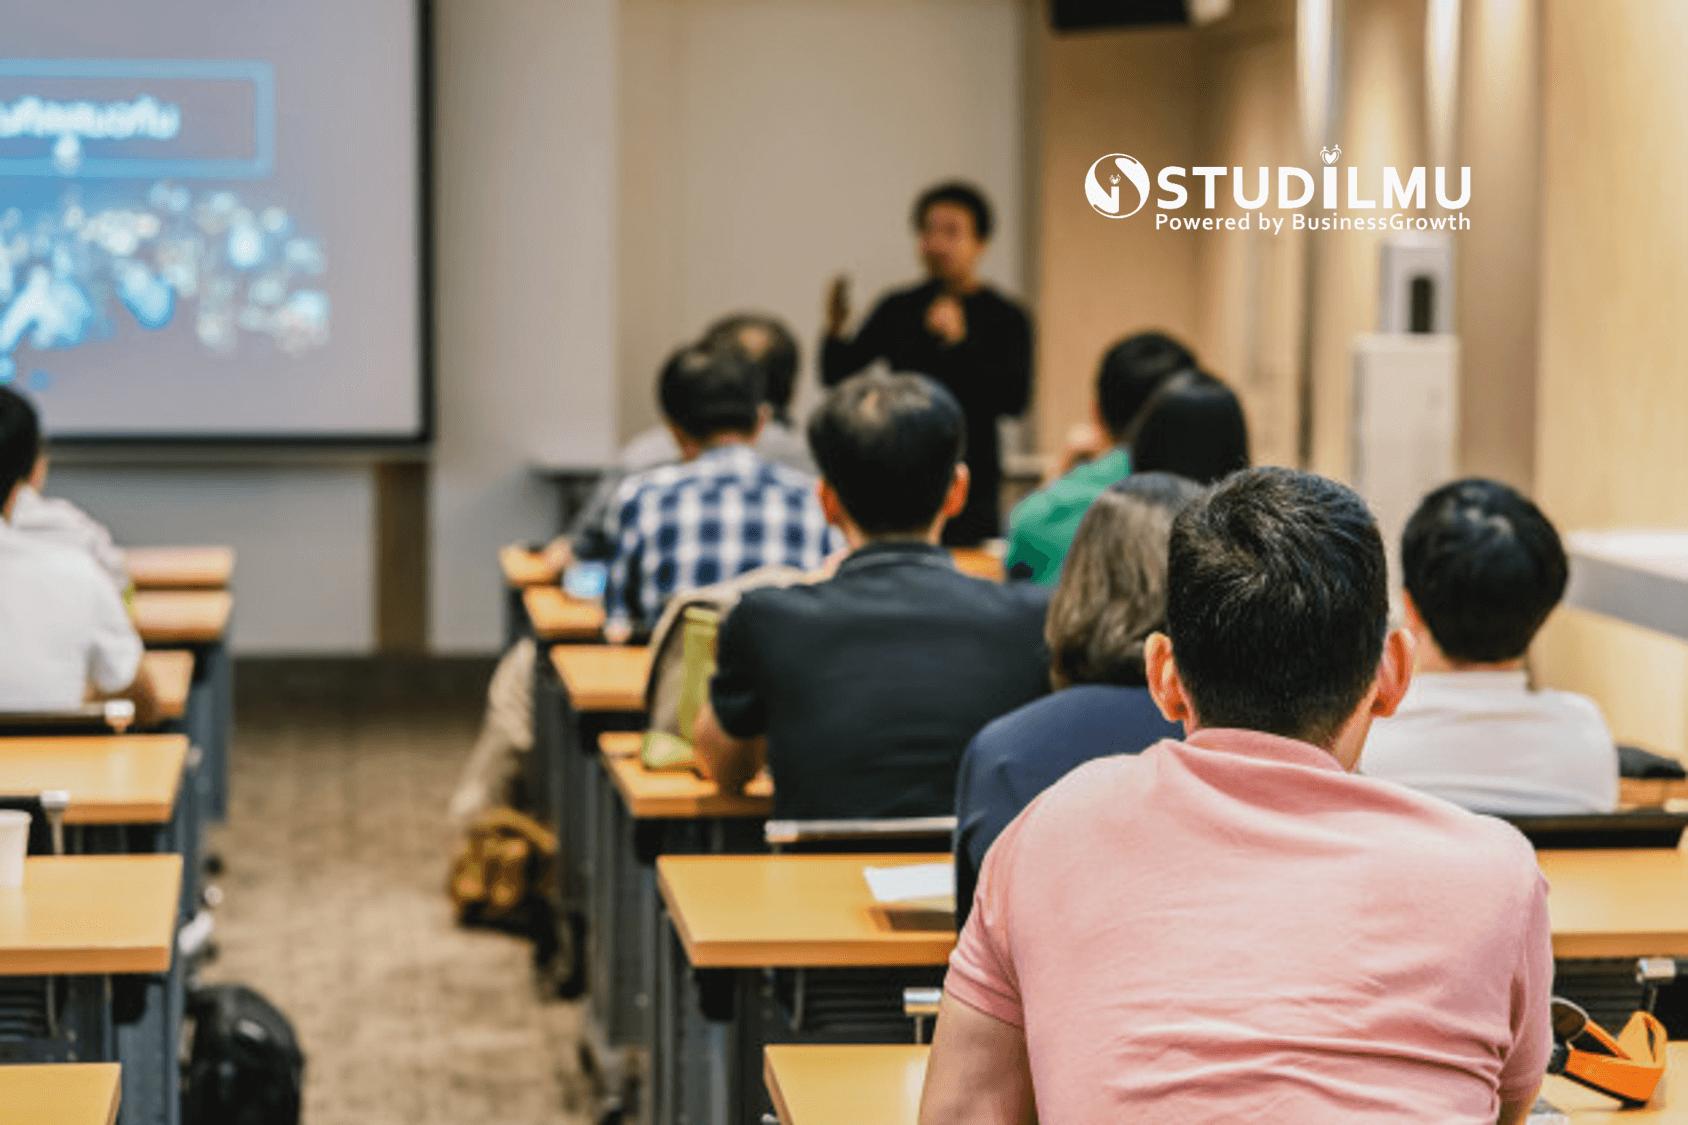 STUDILMU Career Advice - Apakah Pelatihan Kerja Anda Sudah Efektif?